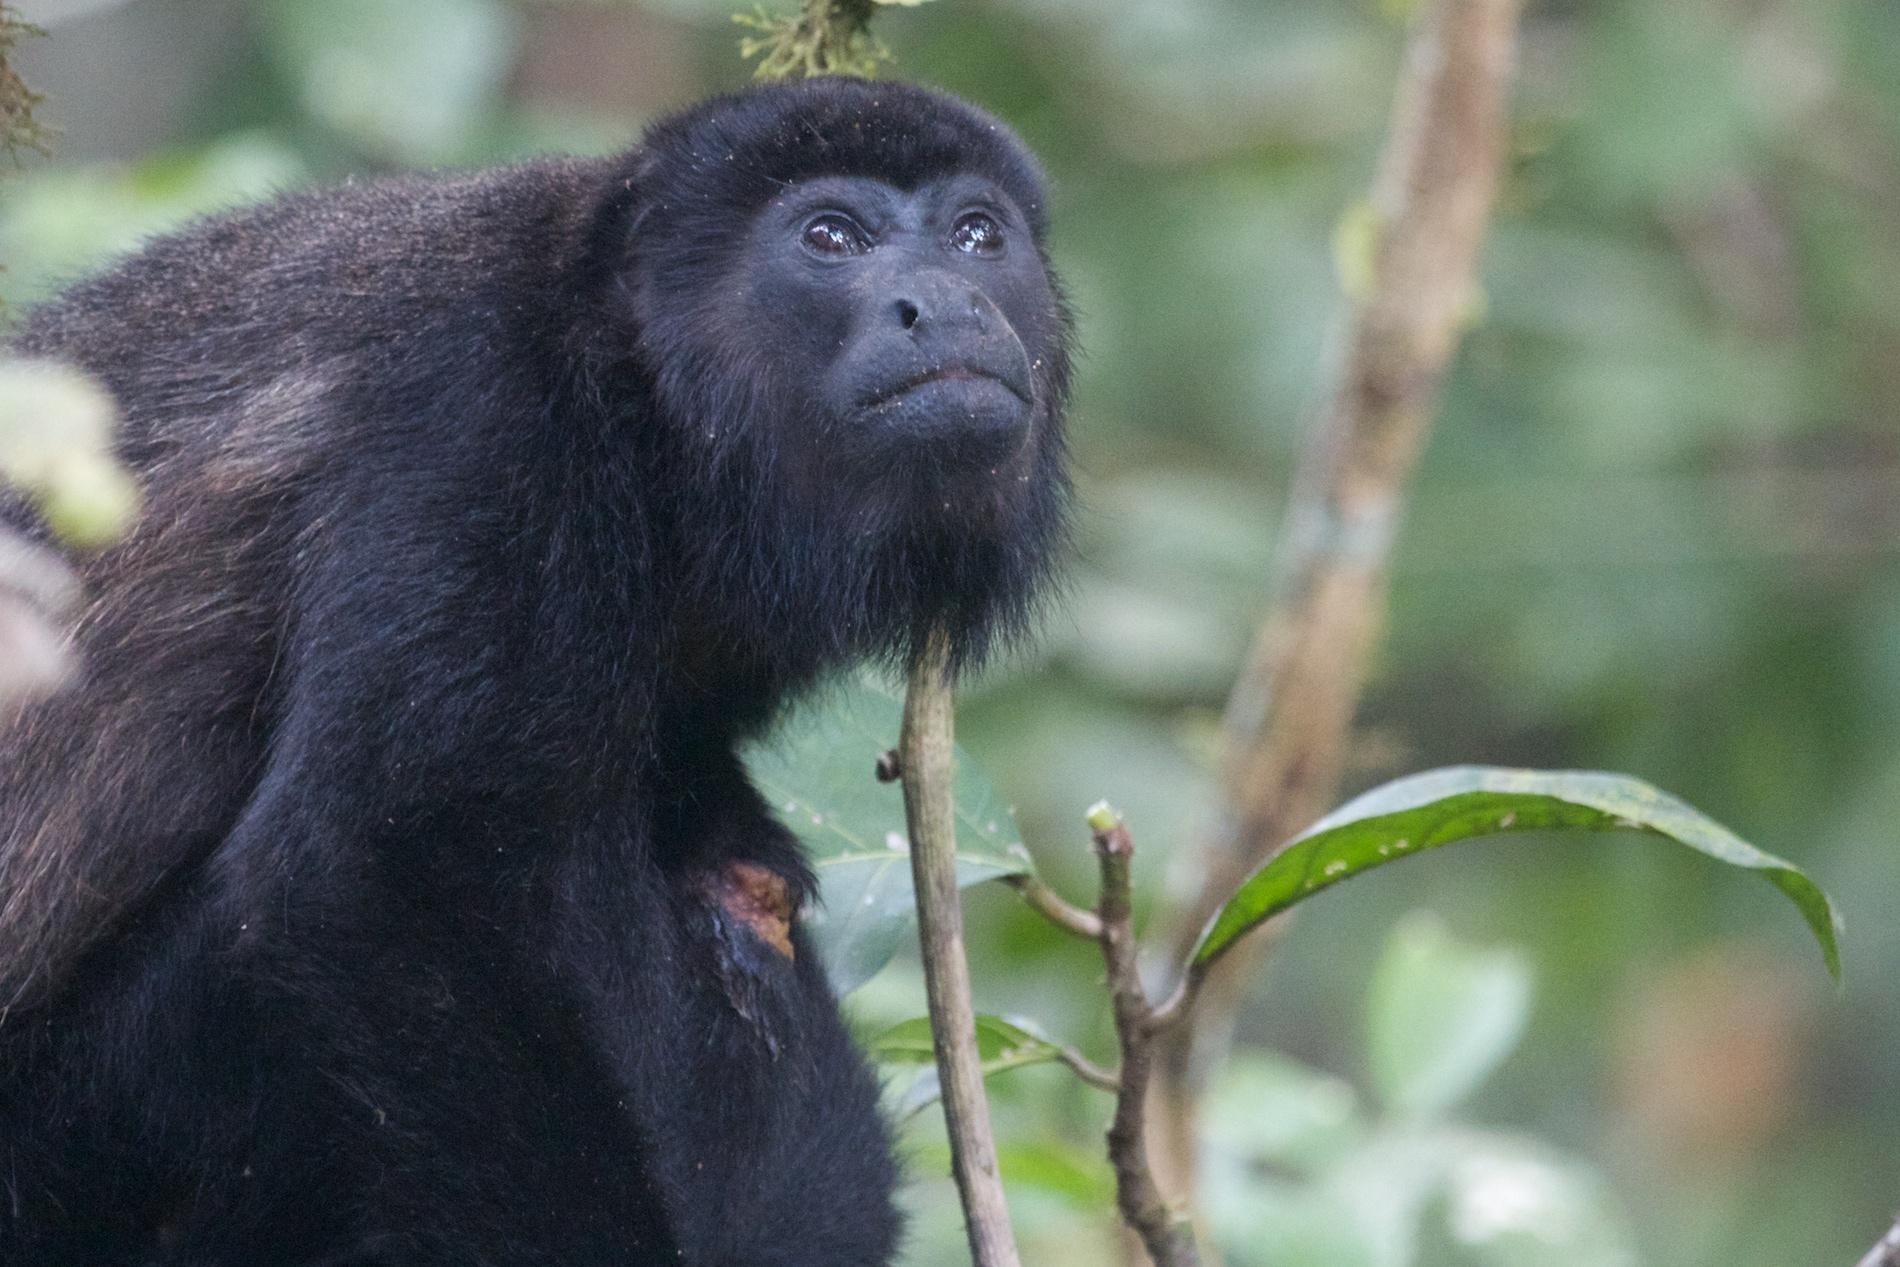 singe-hurleur-jungle-lacandone-communauté